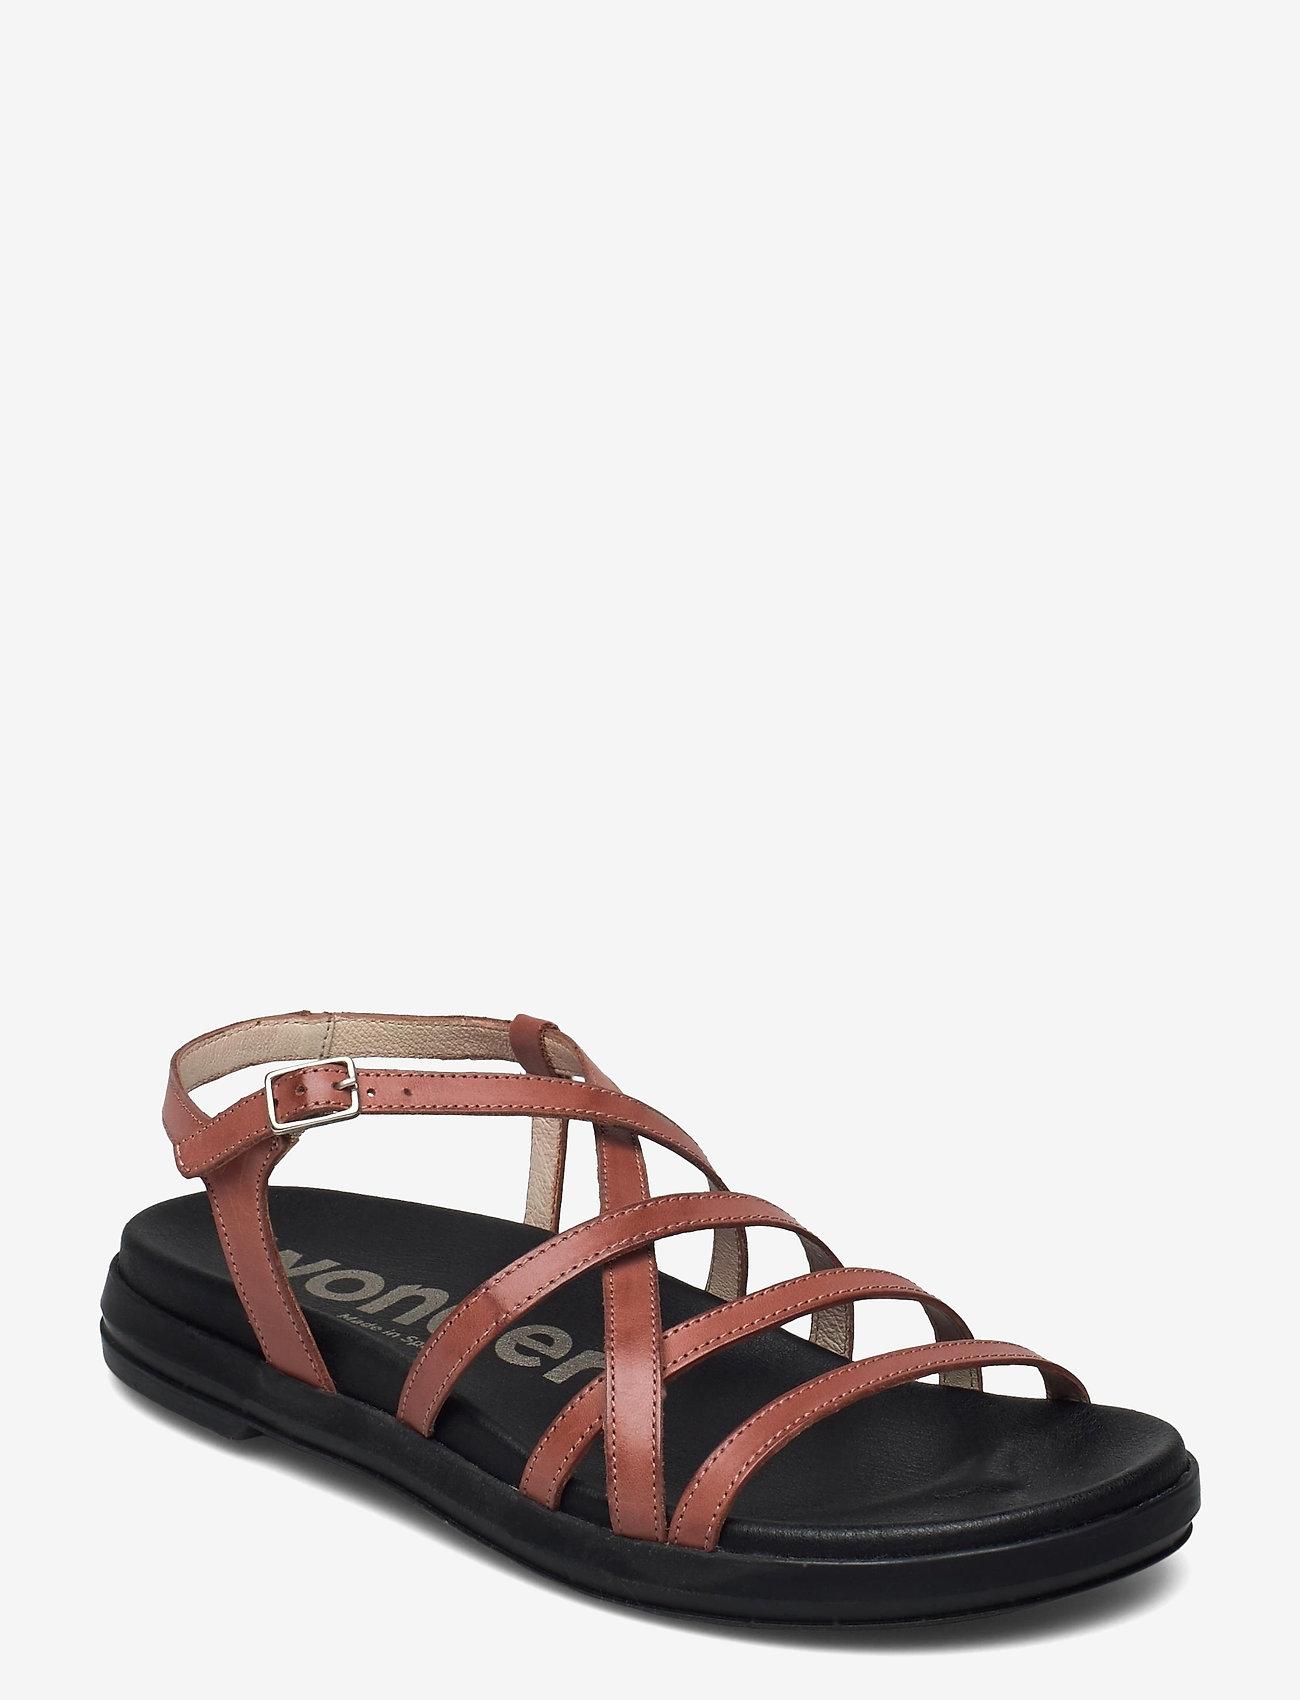 Wonders - B-7412 PERGAMENA - platta sandaler - brown - 0